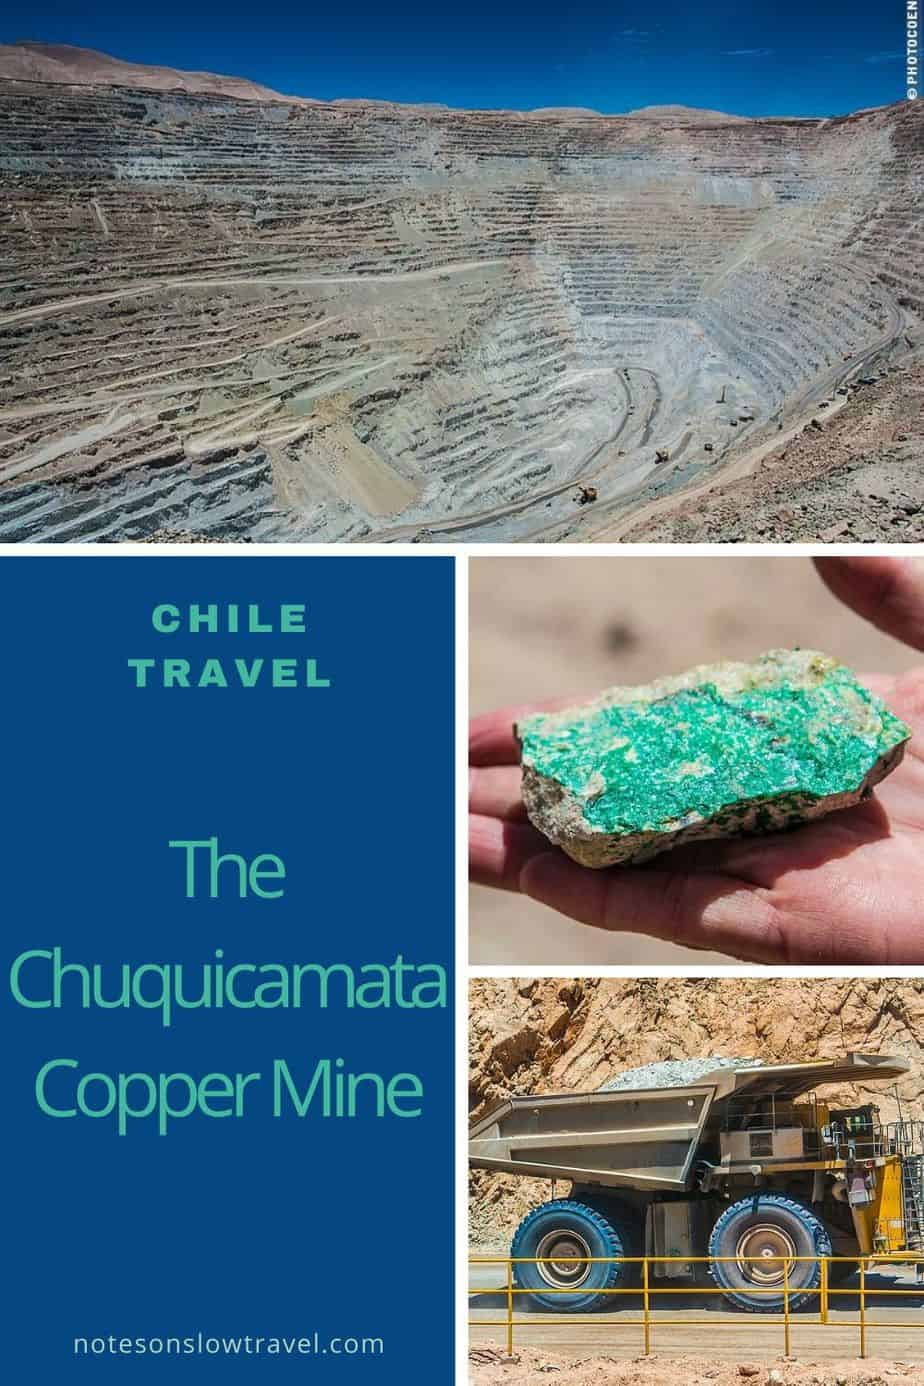 Chuquicamata copper mine in Chile